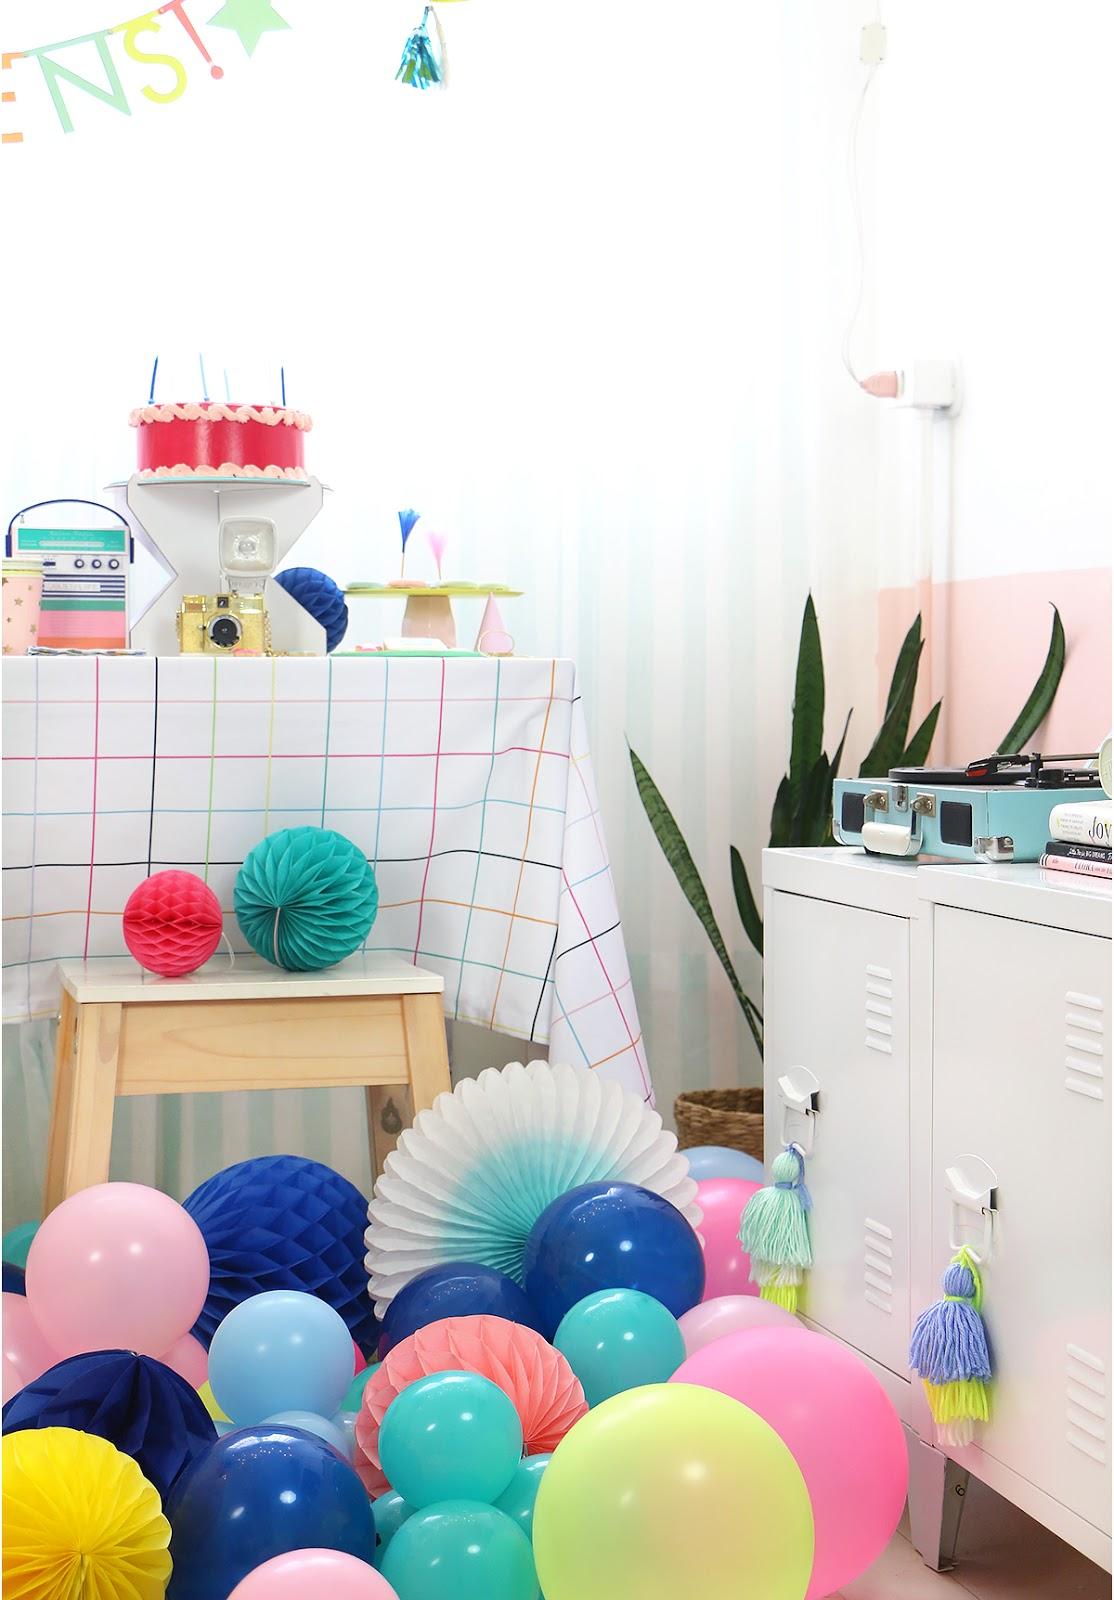 como fazer festa em casa na pandemia corona virus